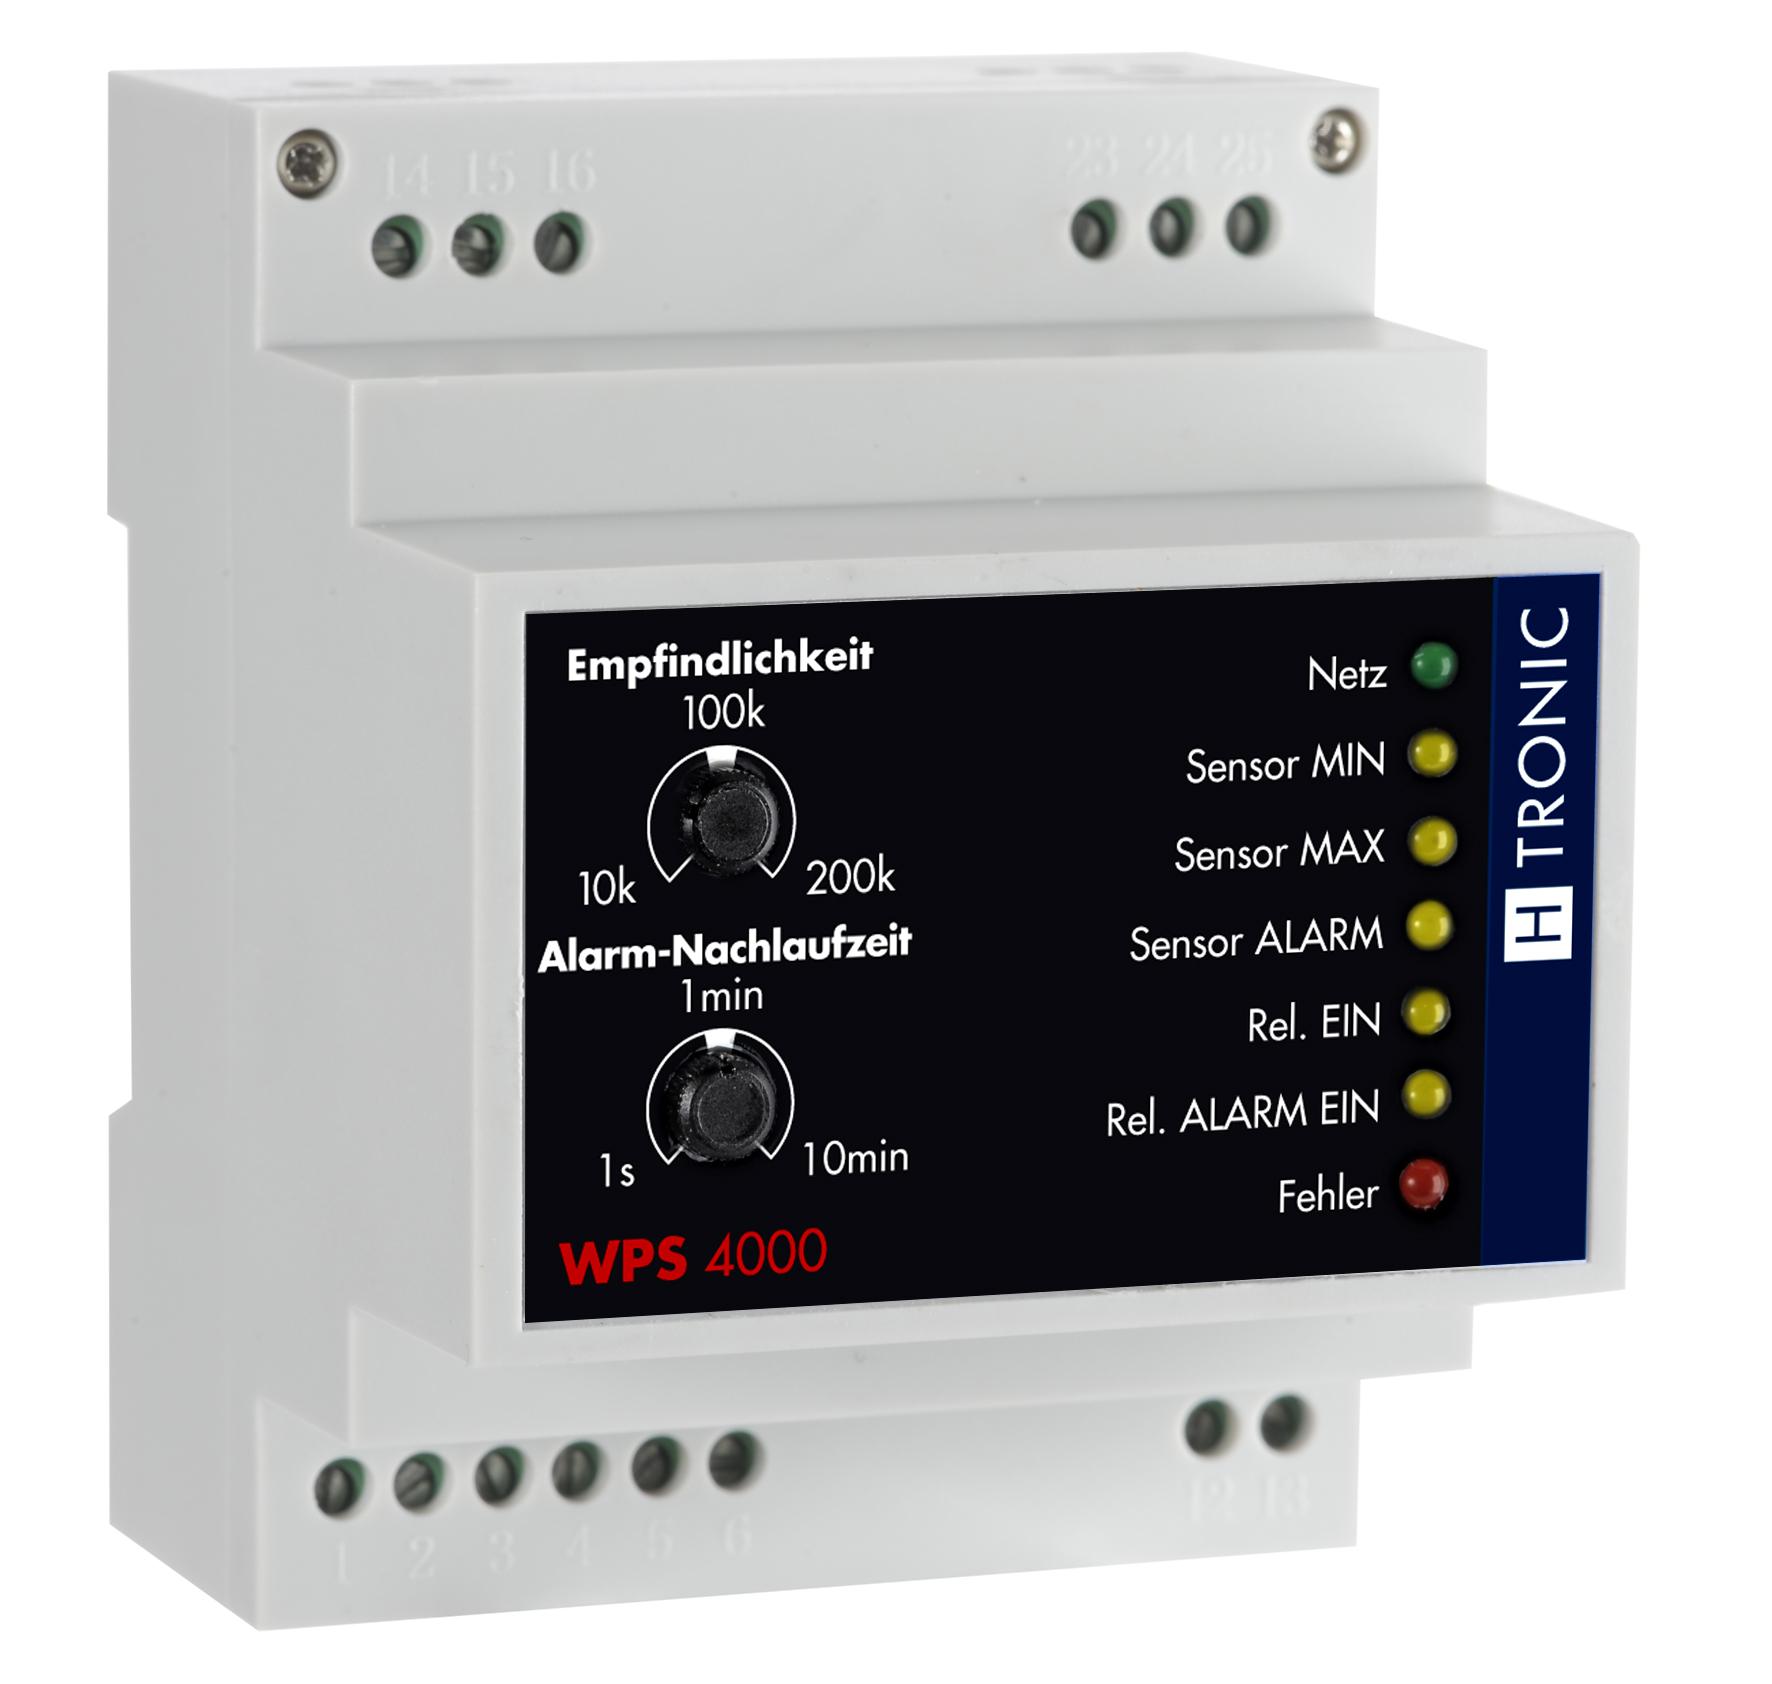 H-TRONIC WPS 4000 3 x WS 4010 Set Wasserpegelschalter 3 Sensoren